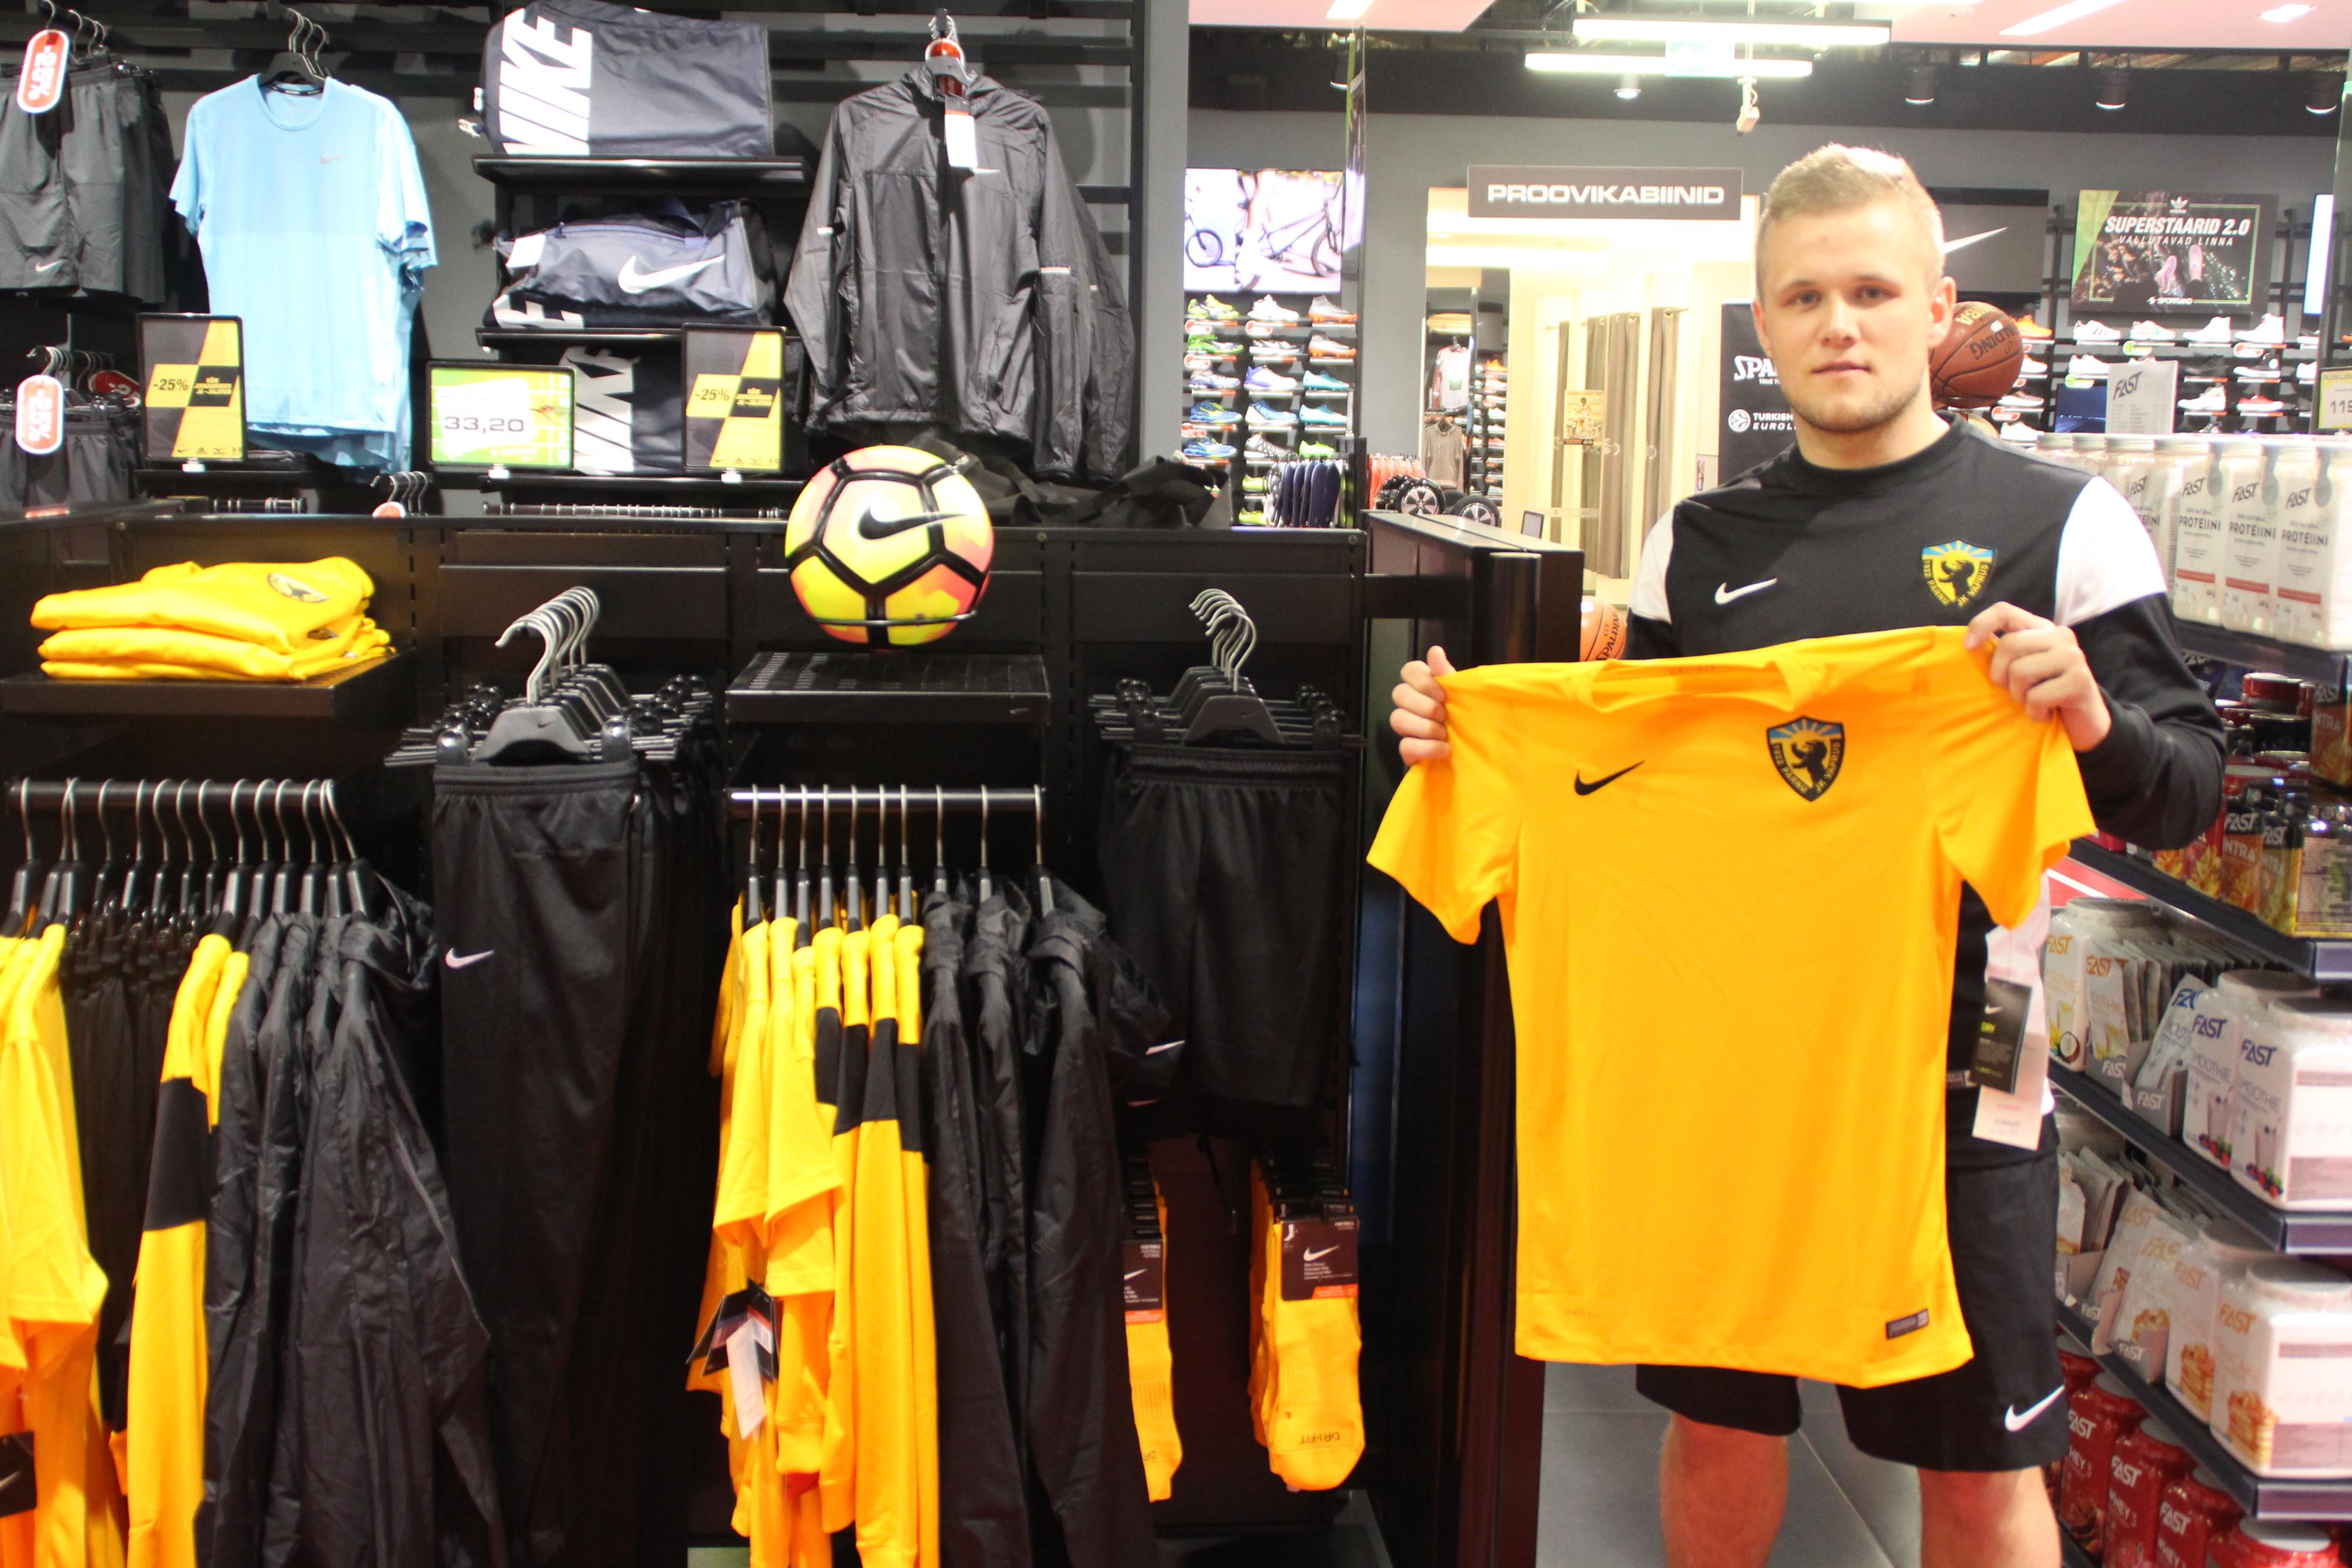 Pärnu Vapruse noormängijate treeningvarustus on nüüdsest müügil Kaubamajaka Sportlandis